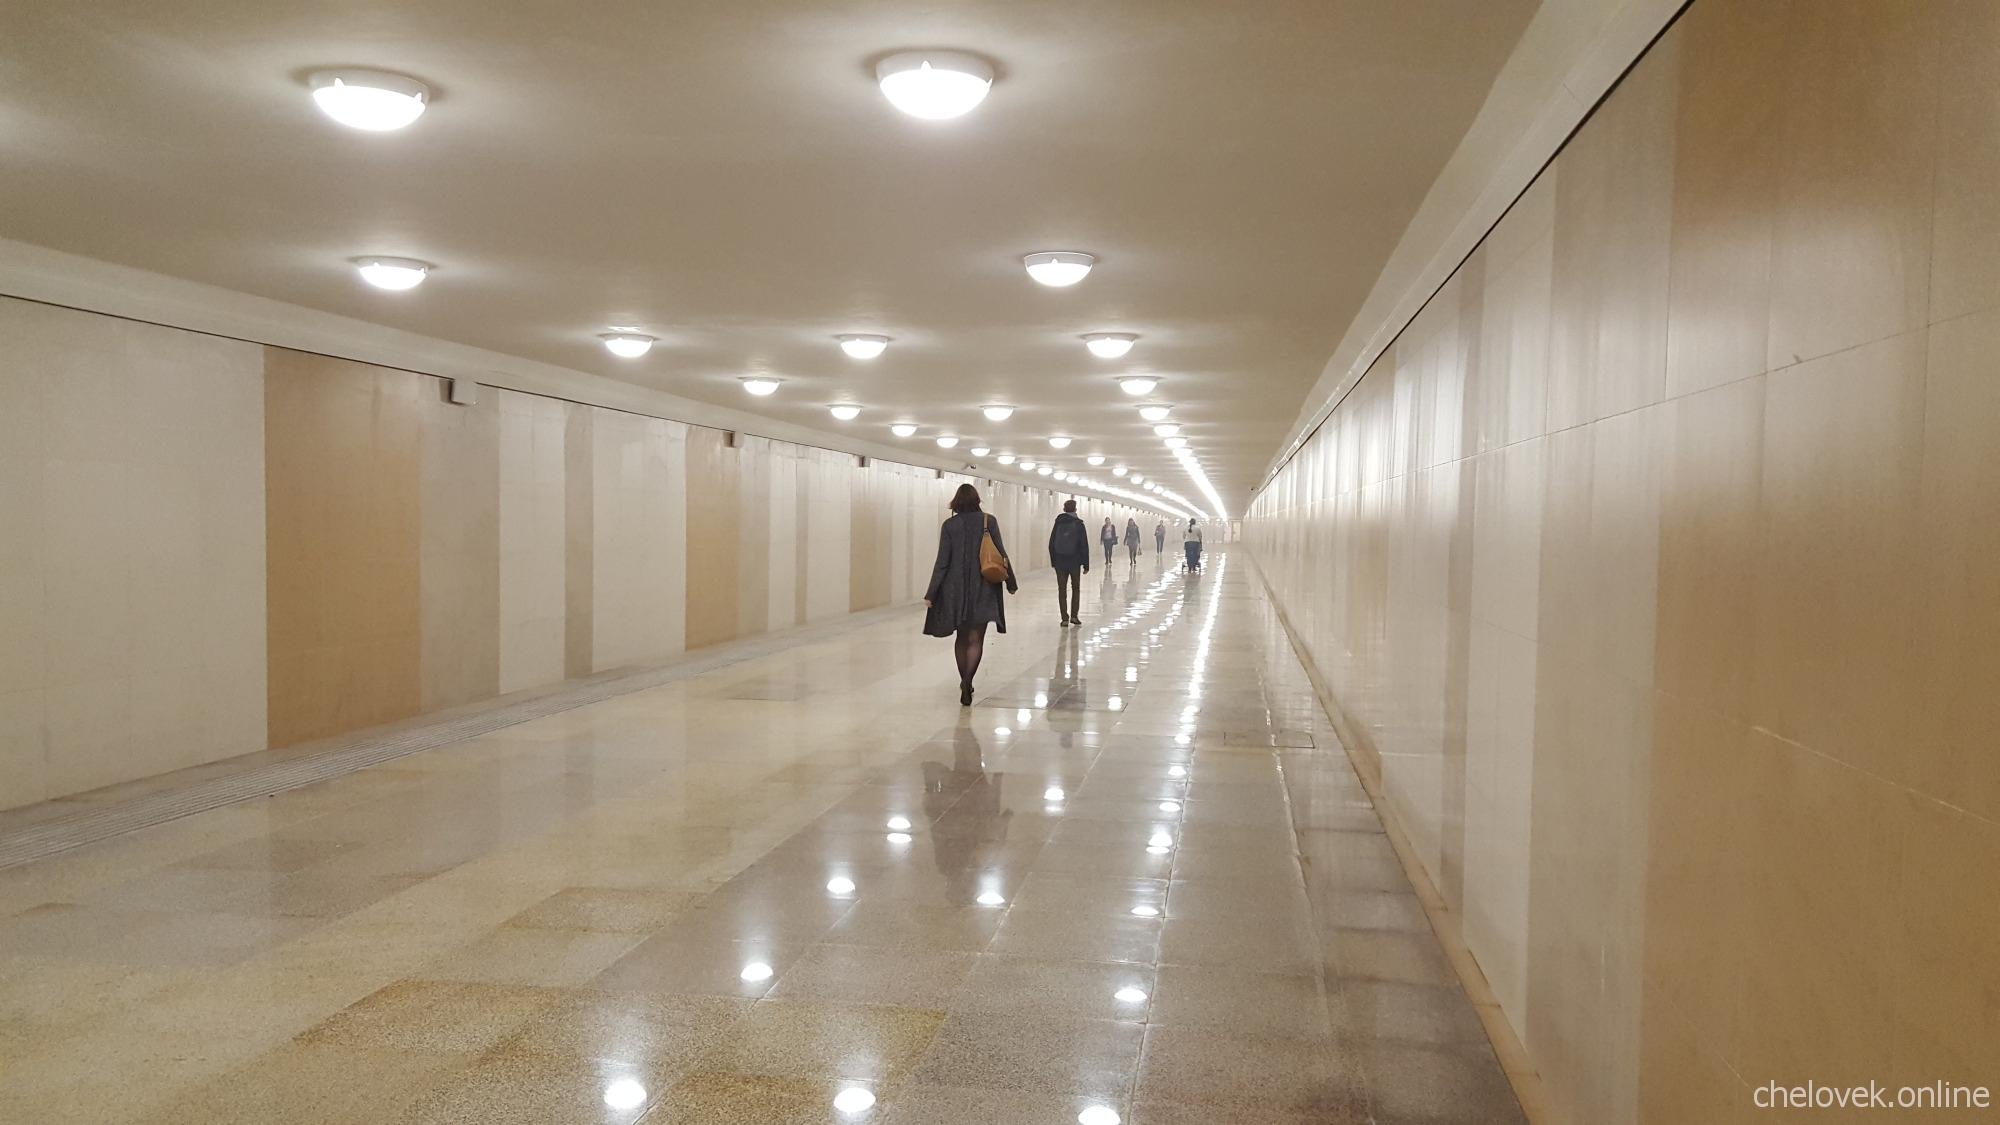 Тоннель на станции метро Стрелка, Нижний Новгород